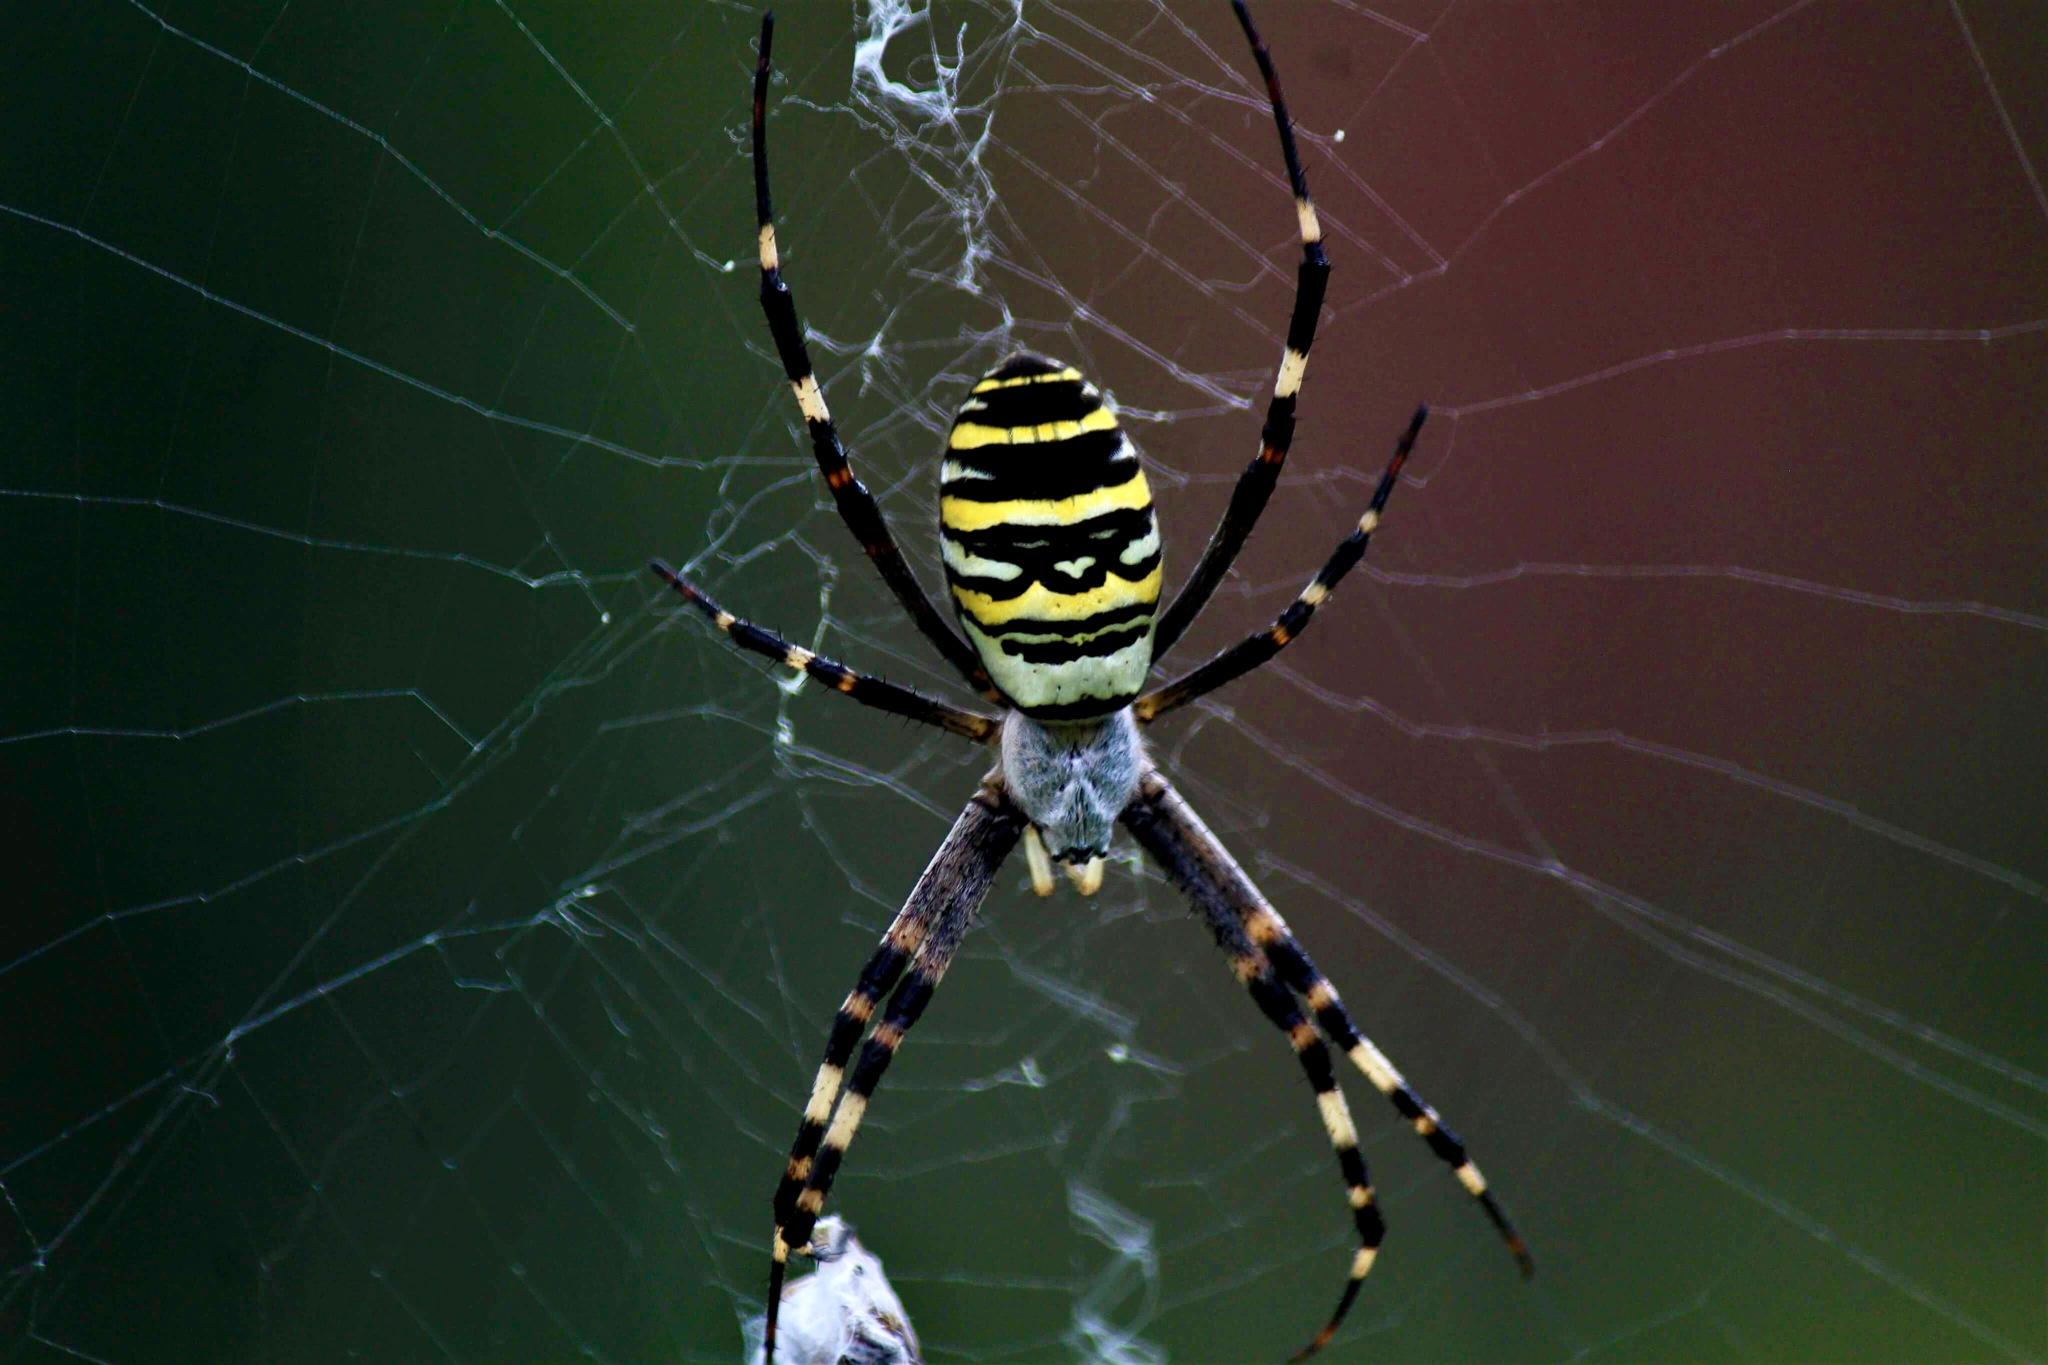 Spider by Sáfrány Mónika